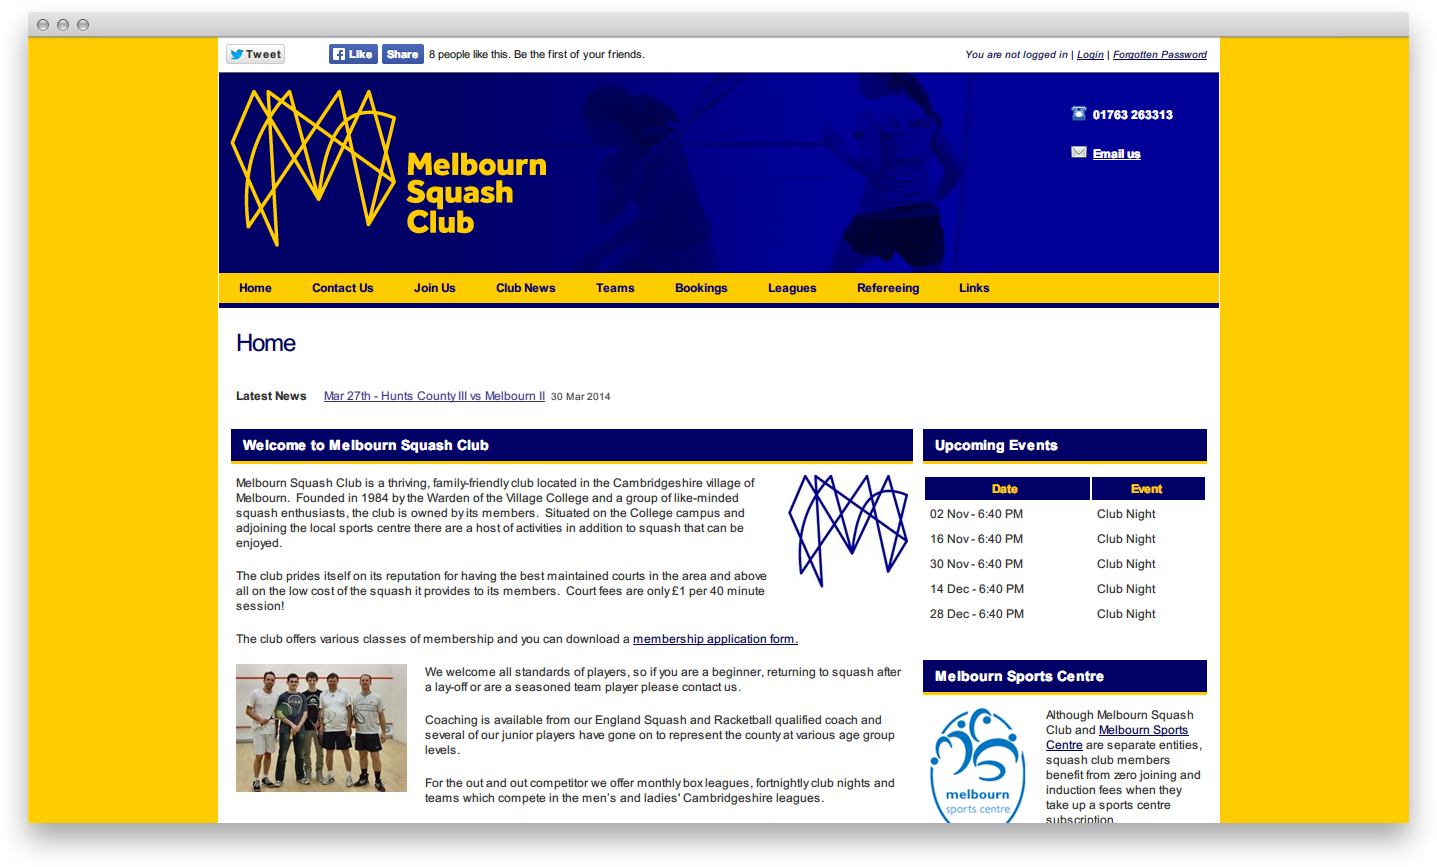 Логотип Мельбурнского Сквош Клуба на сайте